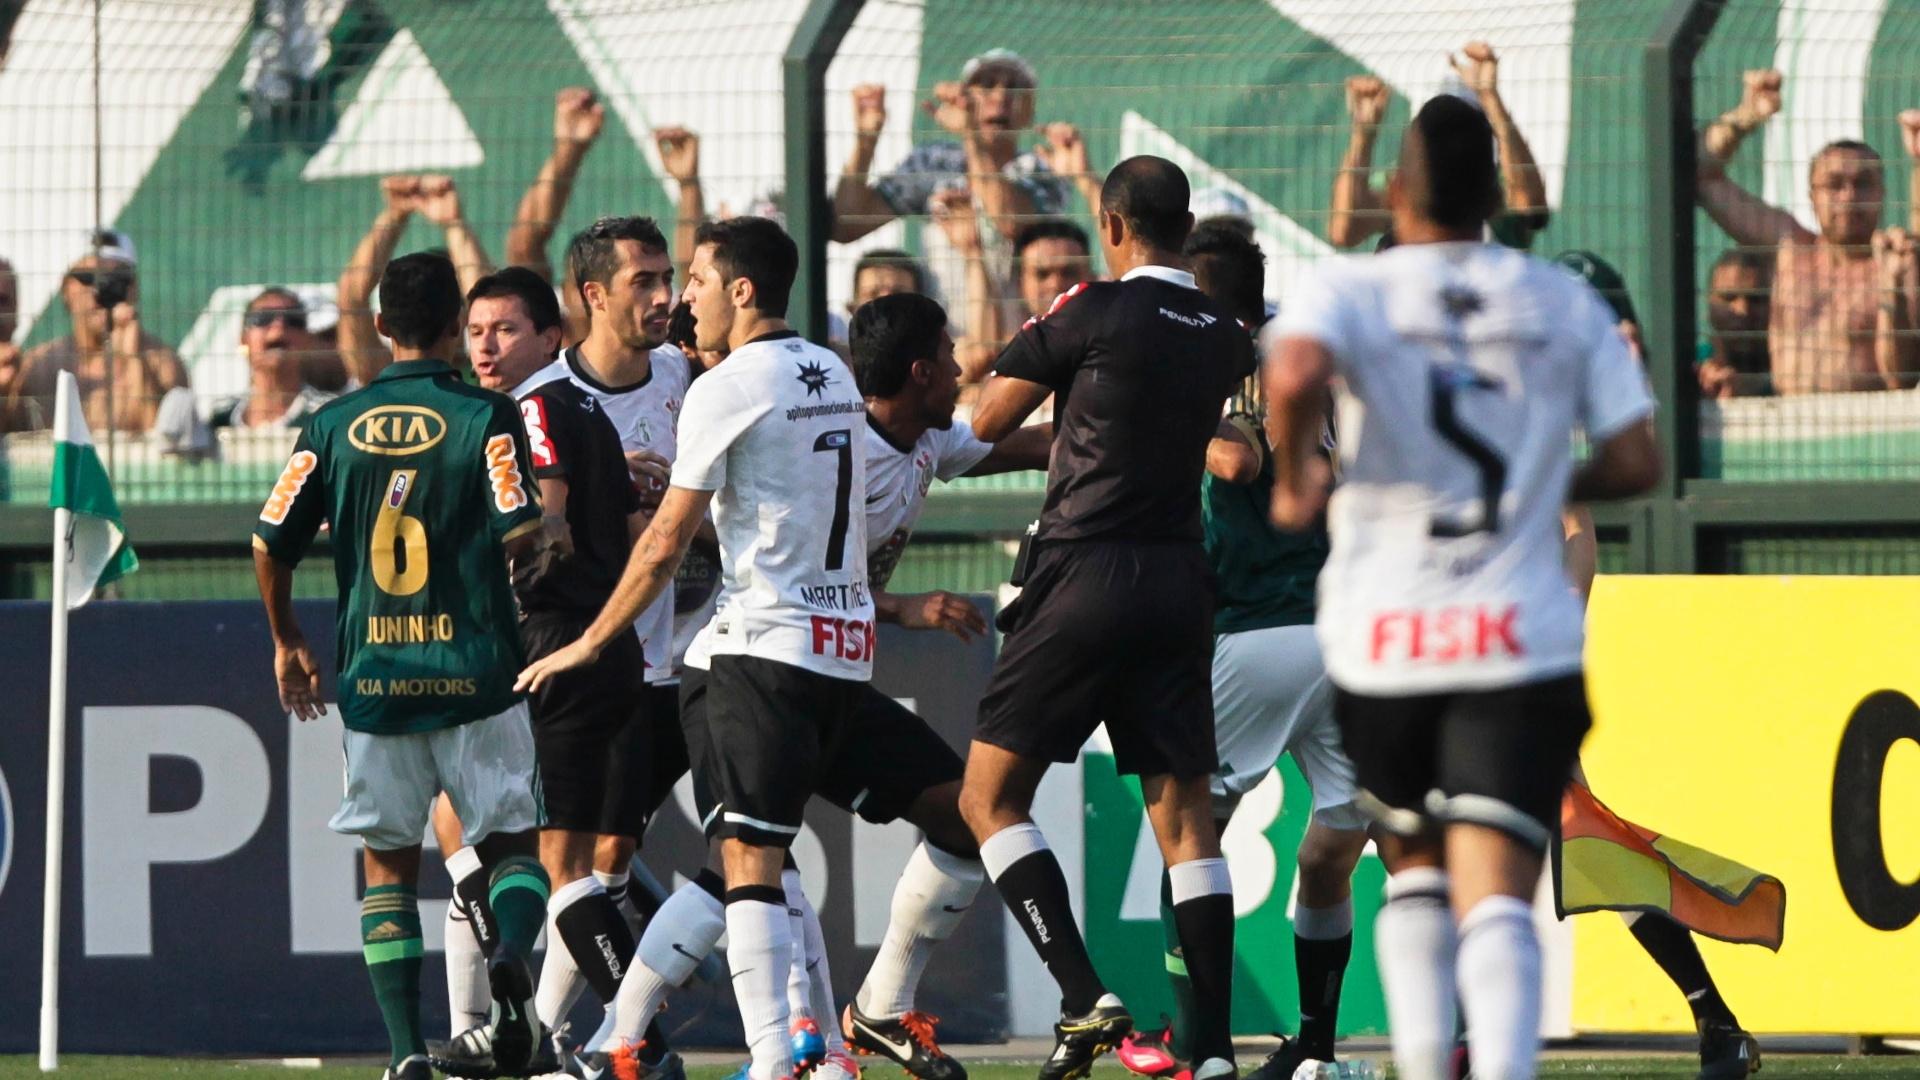 Jogadores de Corinthians e Palmeiras começam confusão após comemoração provocativa de Romarinho